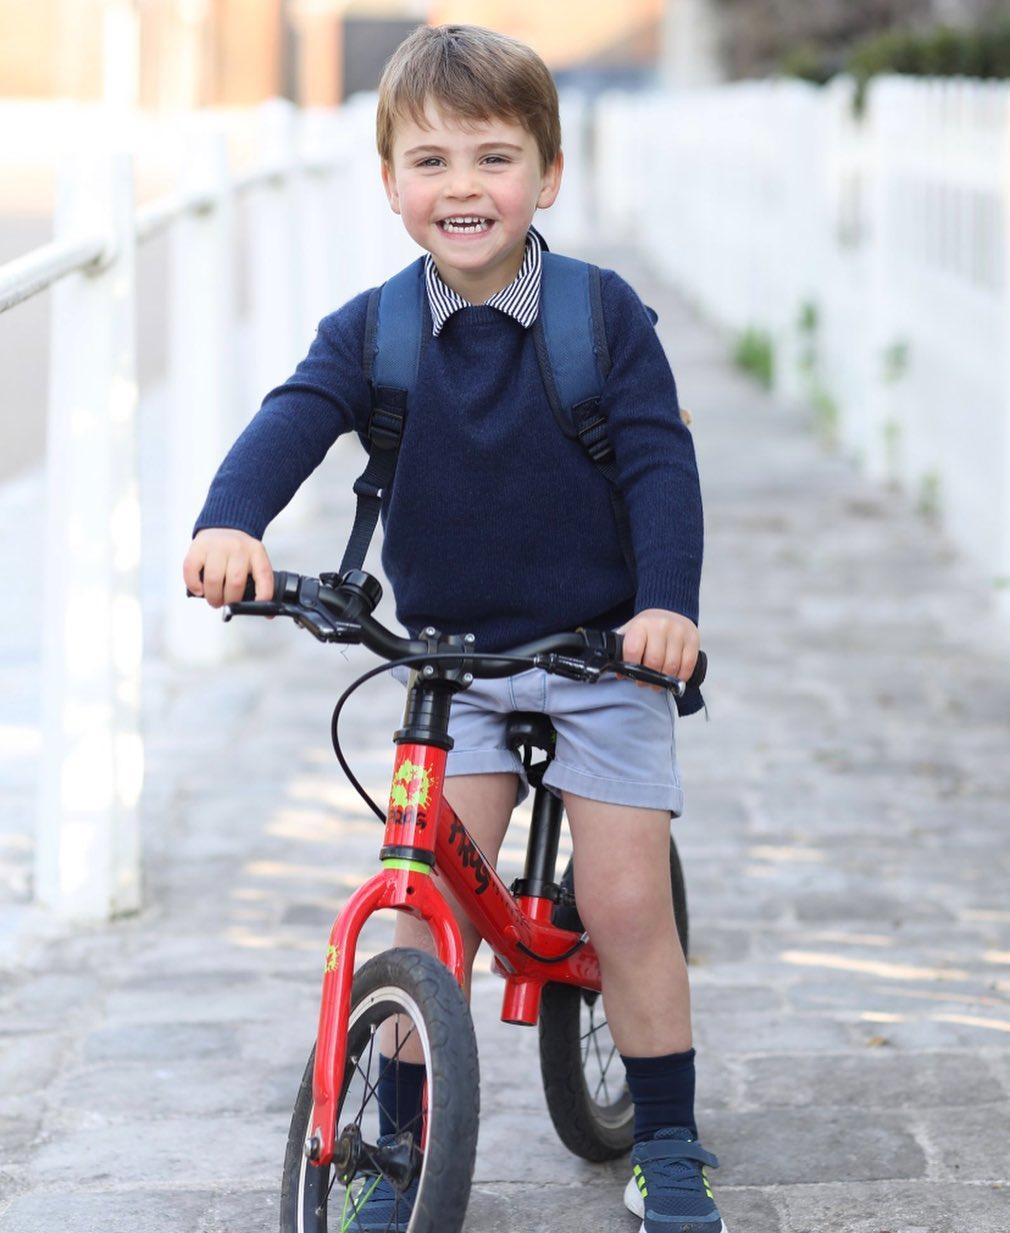 乔治王子8岁生日,牙齿错落太像戴安娜弟弟,巧妙致敬菲利普亲王